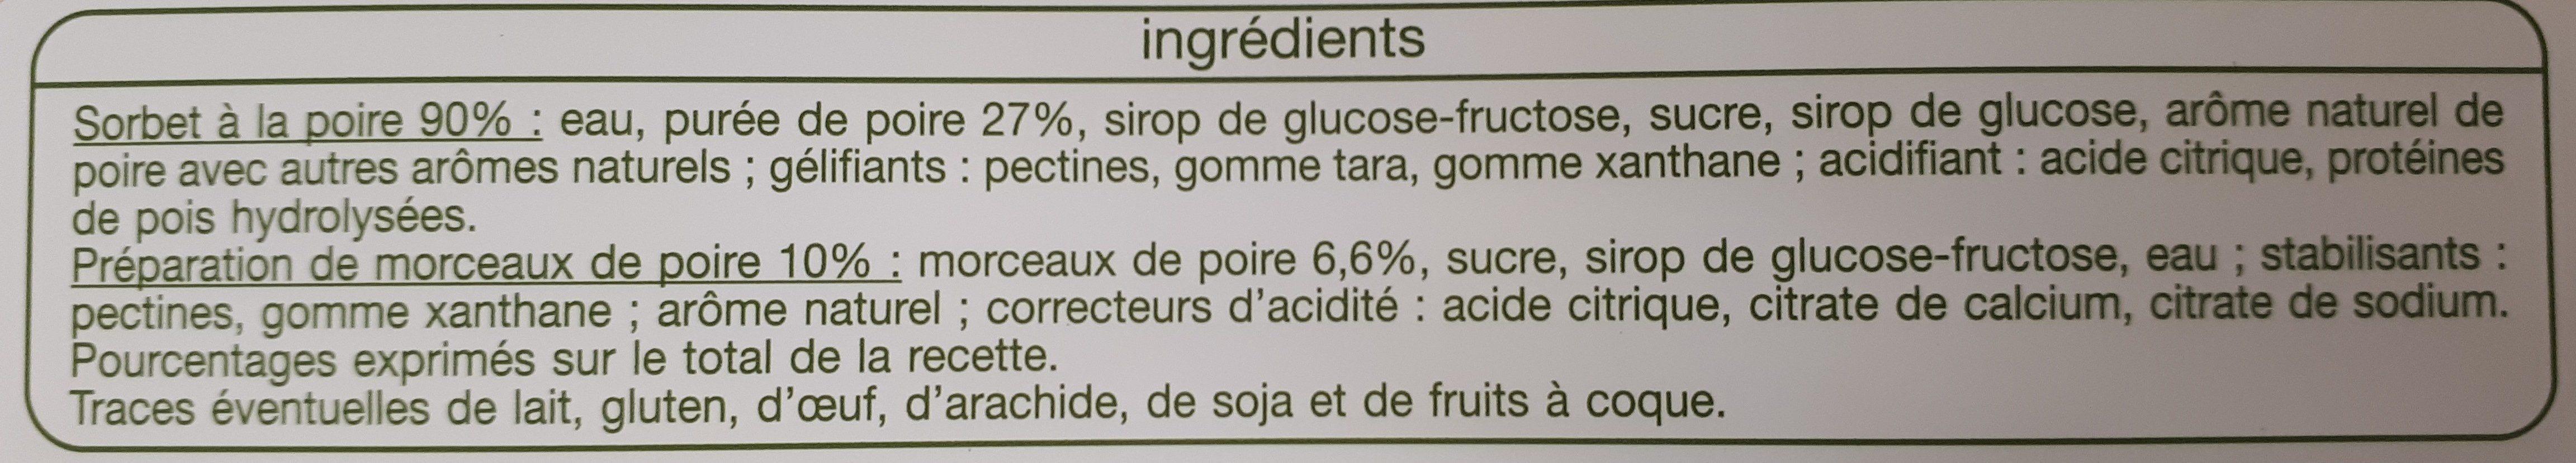 Sorbet Poire Morceaux de Poire - Ingredients